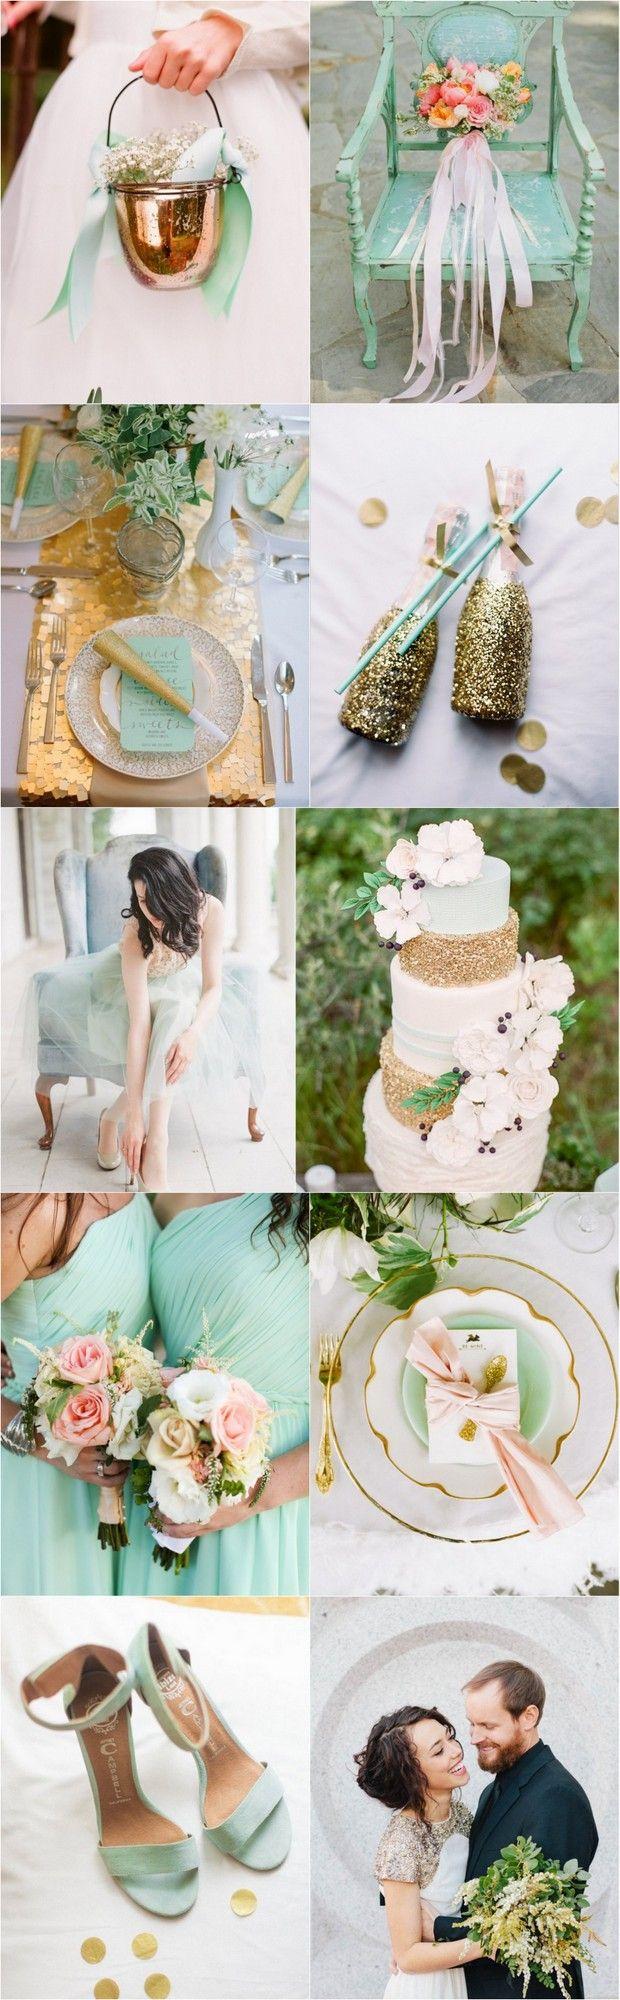 """Menta, dorado y rosa. Una paleta que nos encanta en #Camasha. Creemos que la selección de los colores de tu evento y tu ropa es esencial para definir el estilo de tu #boda. Te esperamos también en nuestro sitio camasha.com donde encontrarás nuestras línea de moda """"Wedding Collection"""""""